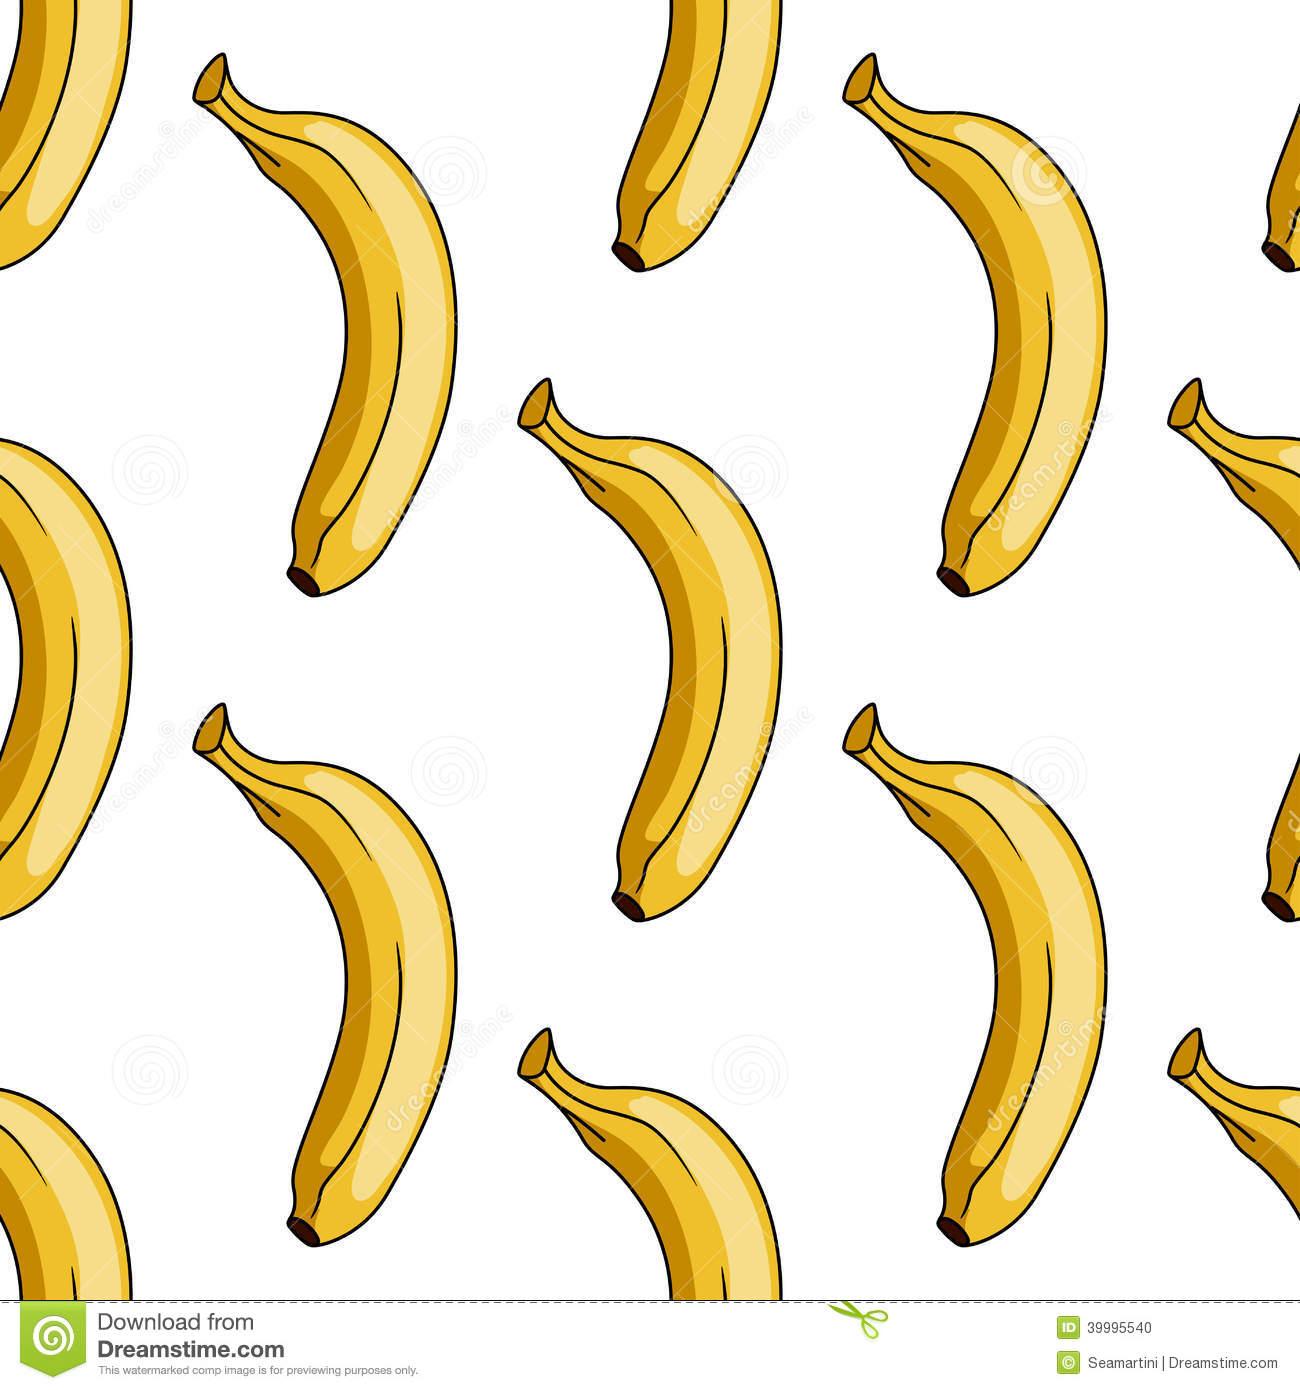 Banana Pattern Wallpaper Seamless pattern of yellow banana stock 1300x1390